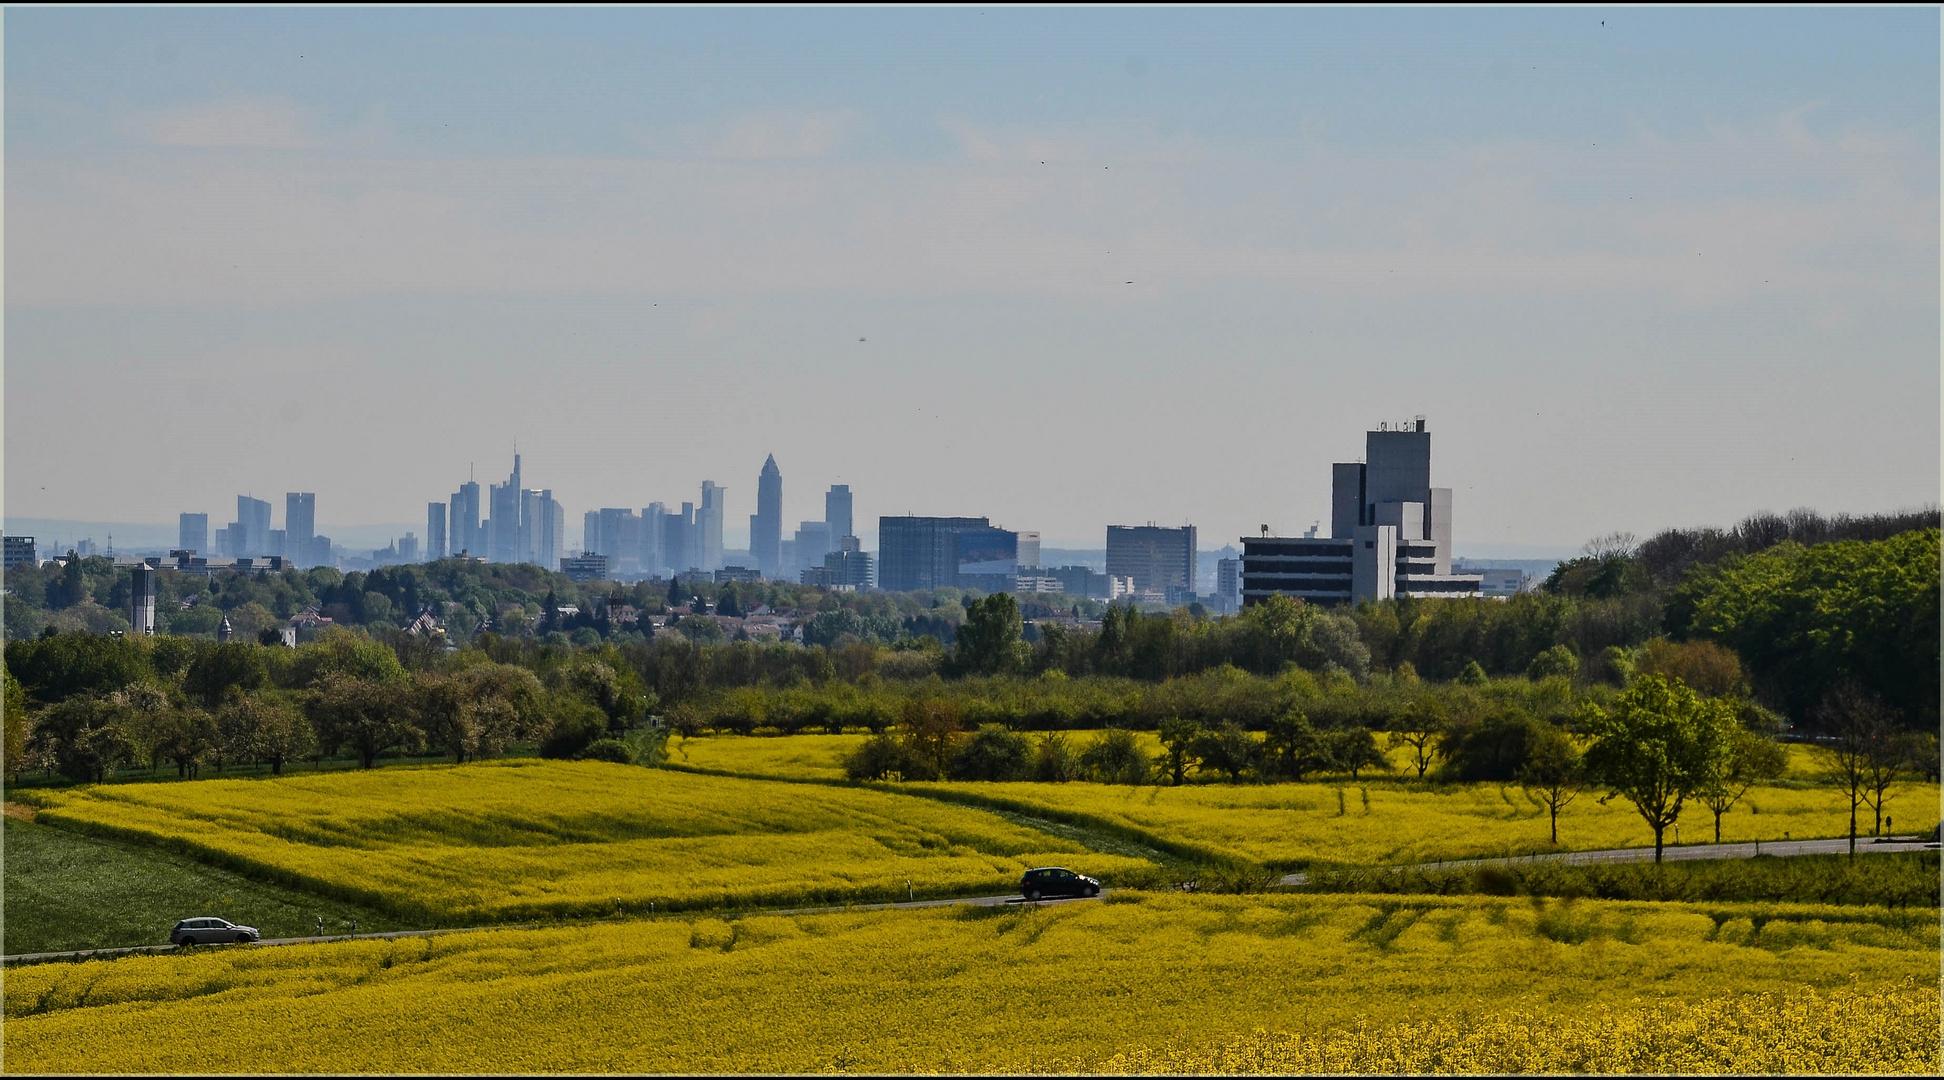 Großstadt in der Nähe und trotzdem im Grünen, ...